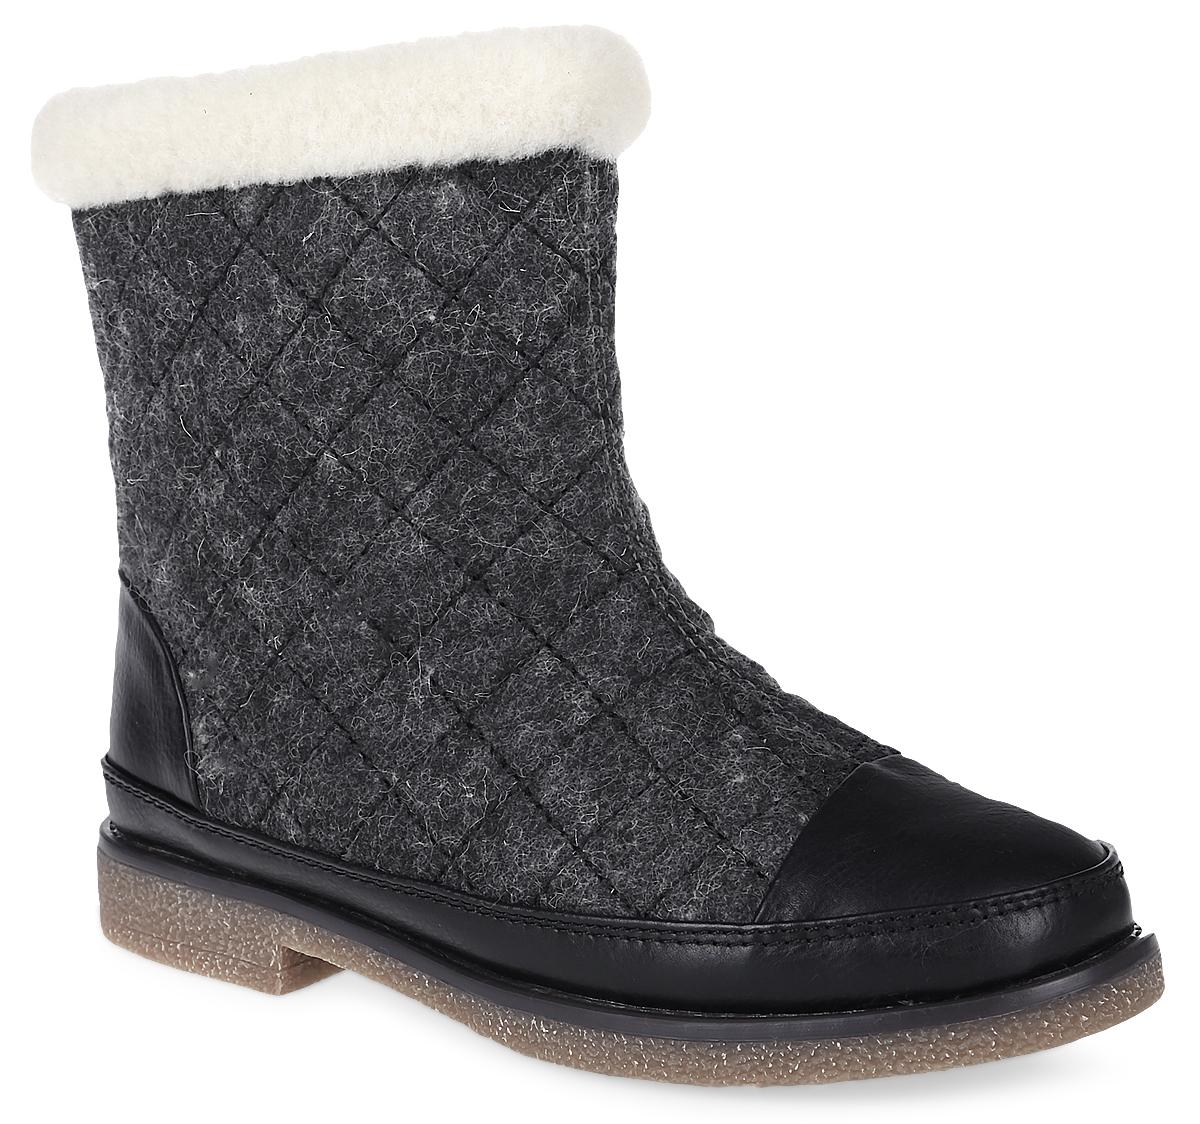 15507Z-1-1LЖенские ботинки от Cooper, выполненные из войлока и синтолина, оформлены меховой оторочкой. Подкладка и стелька из искусственного меха не дадут ногам замерзнуть. Боковая застежка-молния позволяет легко снимать и надевать модель. Подошва и невысокий каблук дополнены рифлением.